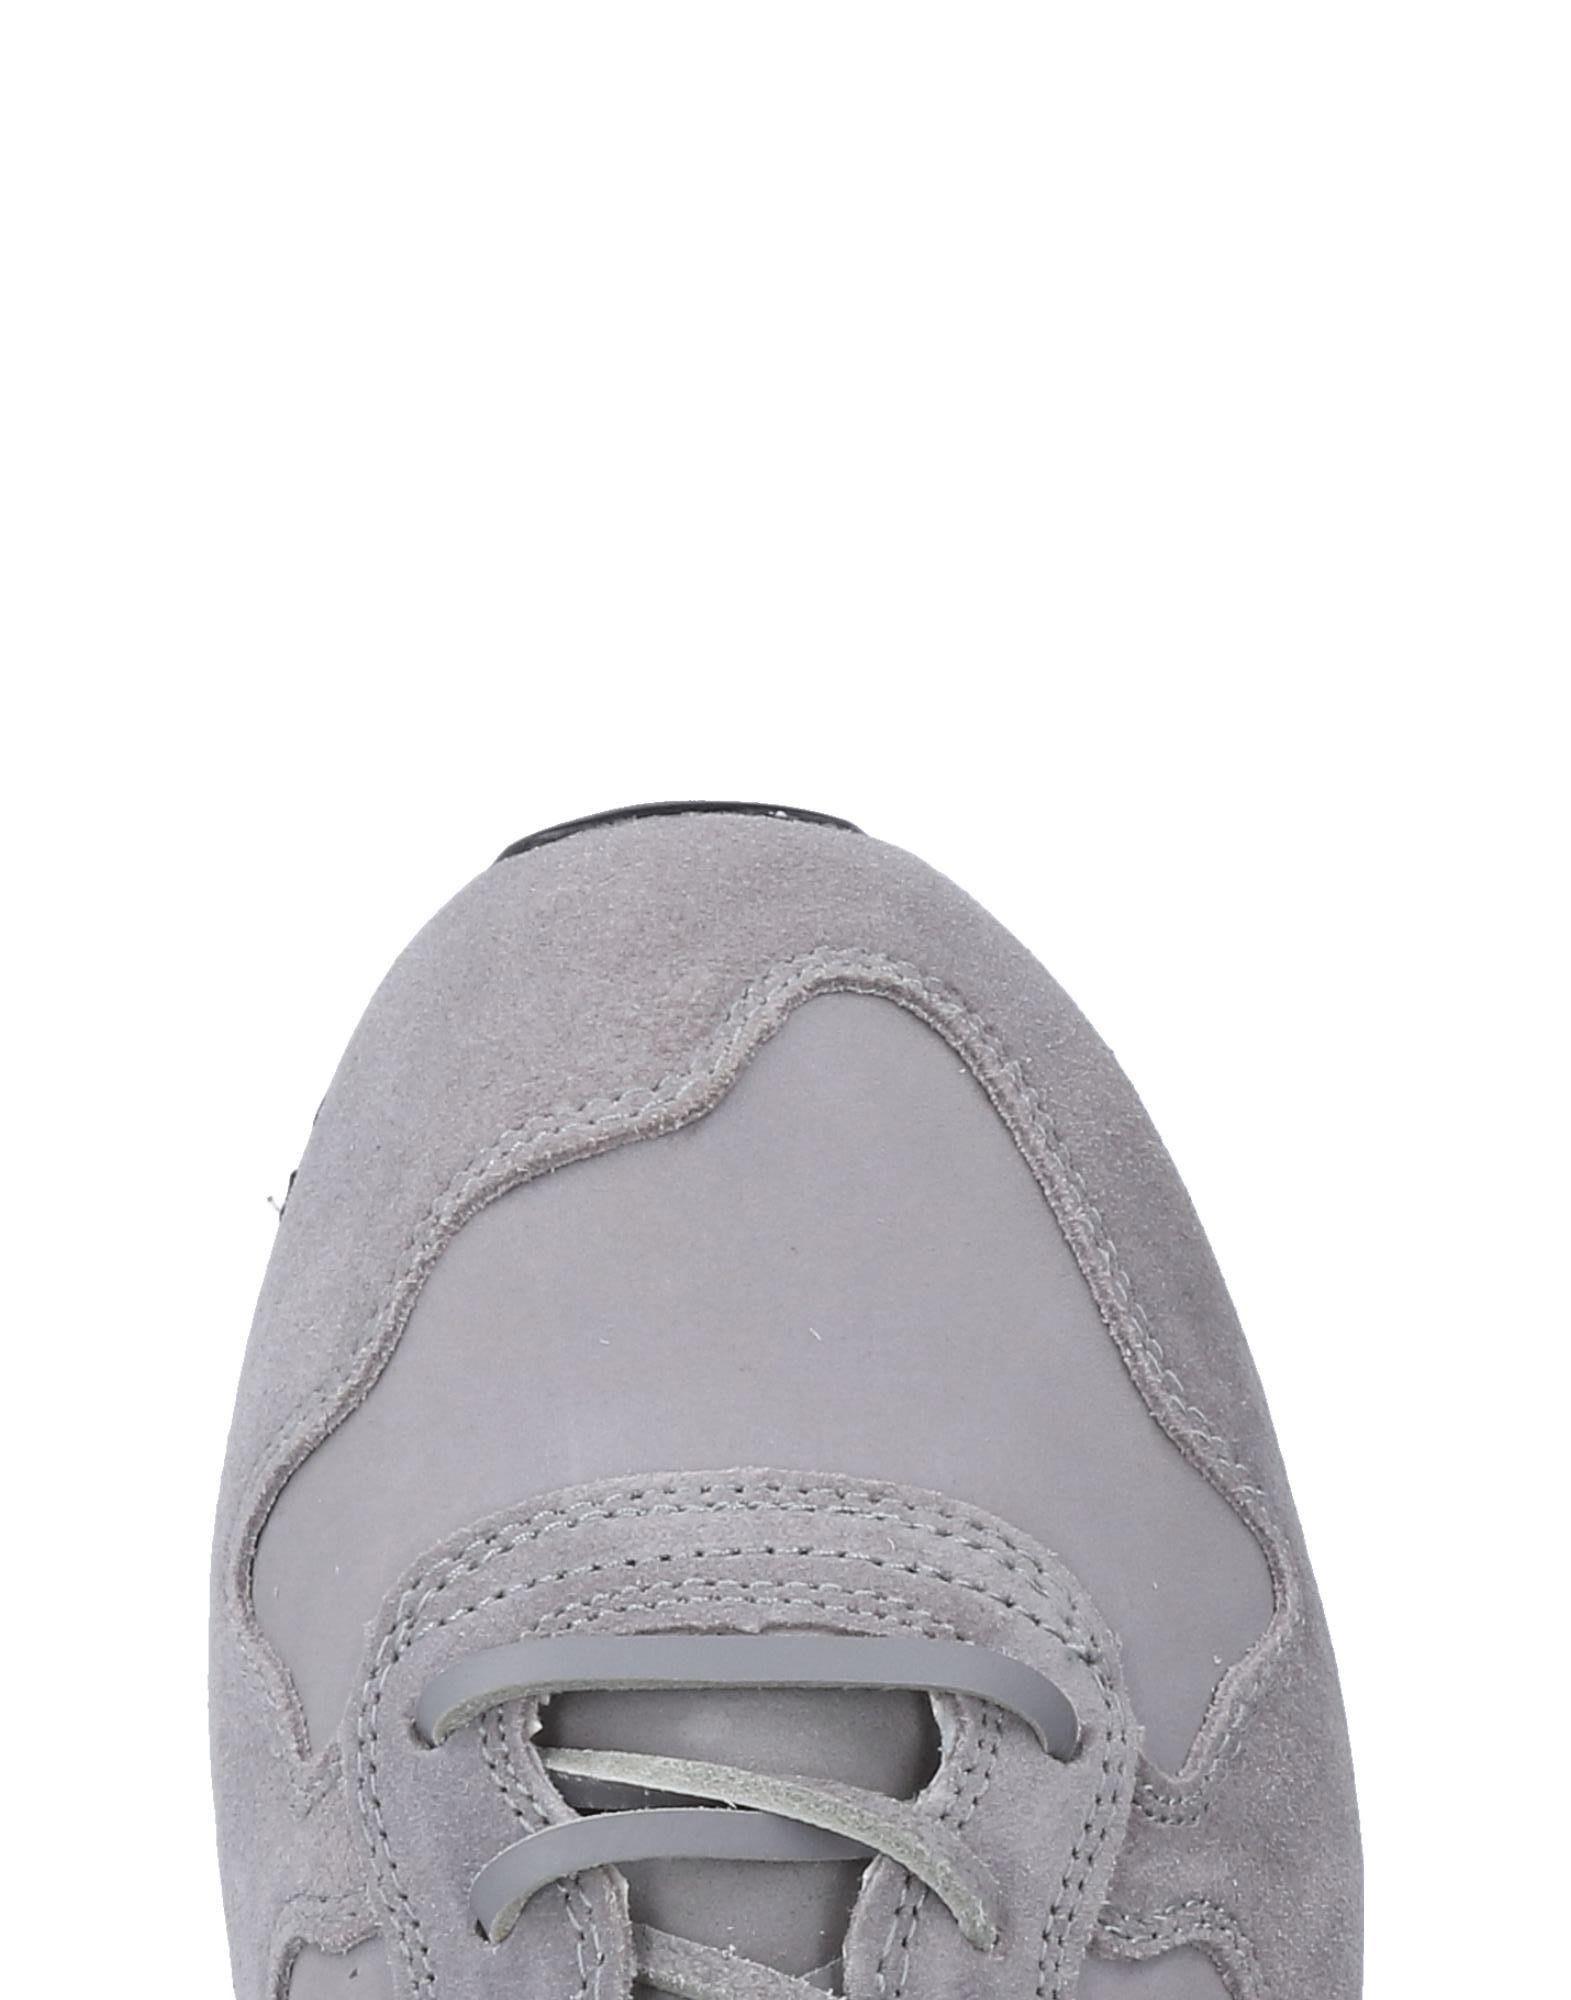 Rabatt Rabatt Rabatt echte Schuhe Diadora Heritage Sneakers Herren  11503282WC 14921f